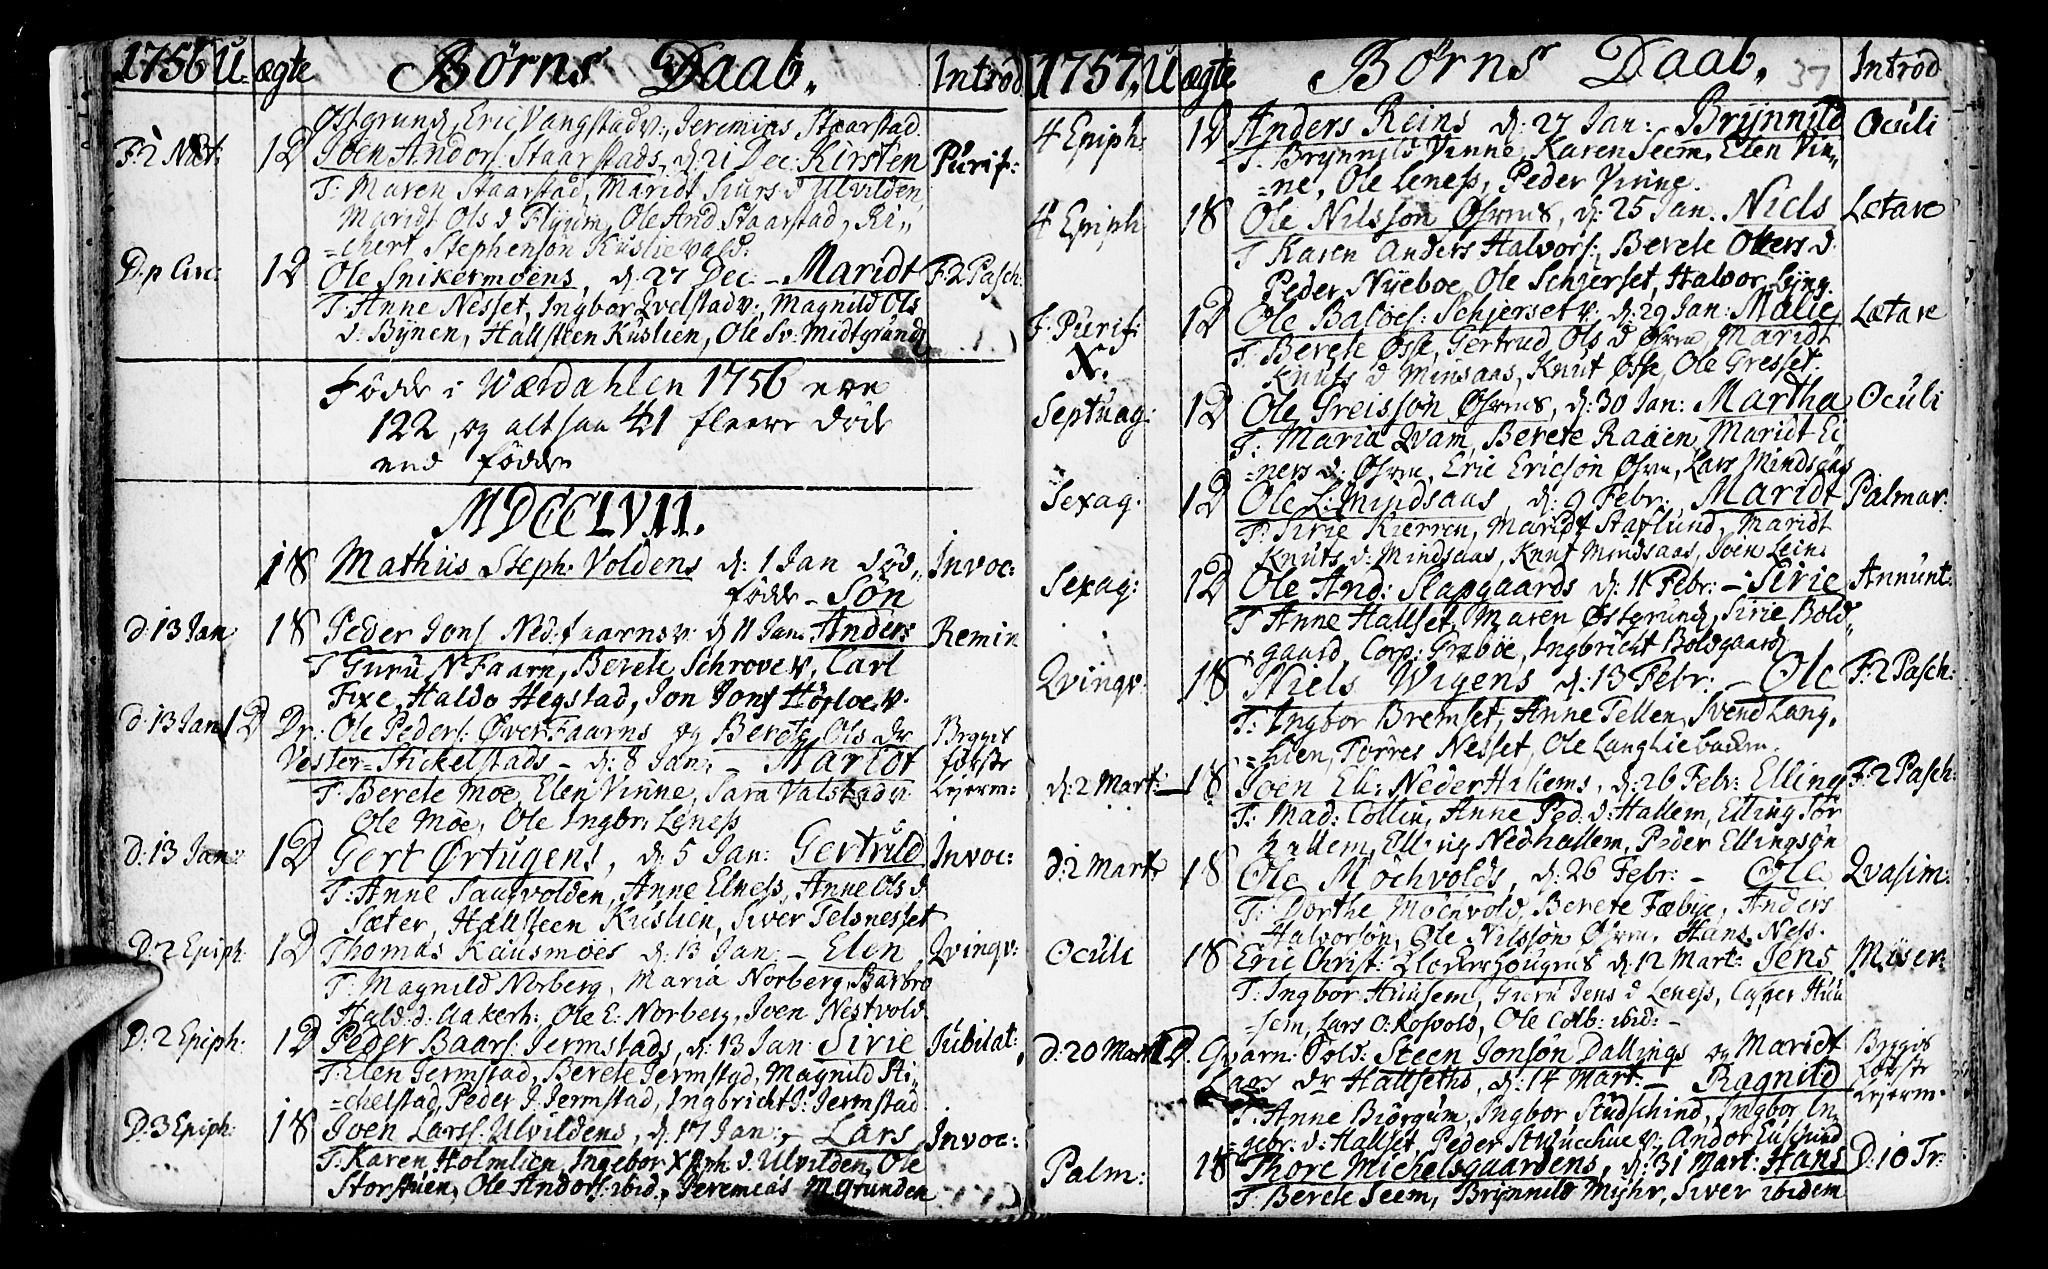 SAT, Ministerialprotokoller, klokkerbøker og fødselsregistre - Nord-Trøndelag, 723/L0231: Ministerialbok nr. 723A02, 1748-1780, s. 37